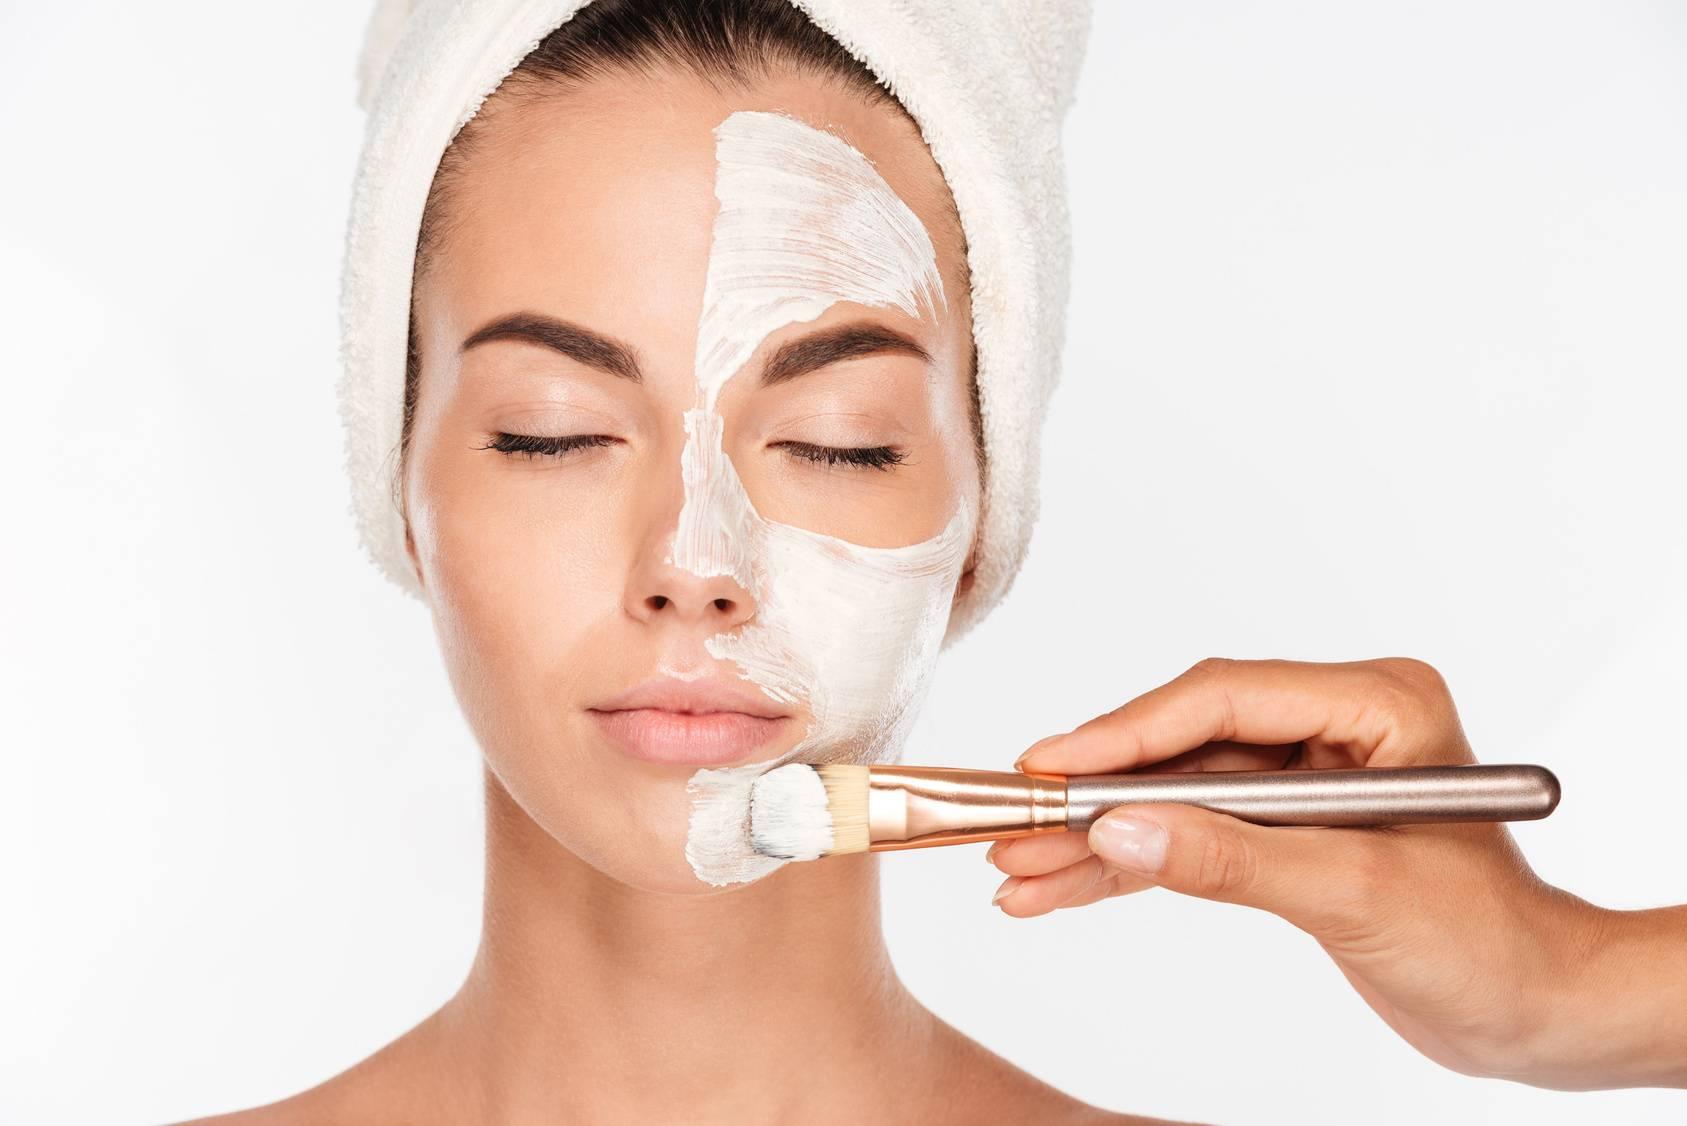 Pielęgnacja skóry - krem przeciwsmogowy.